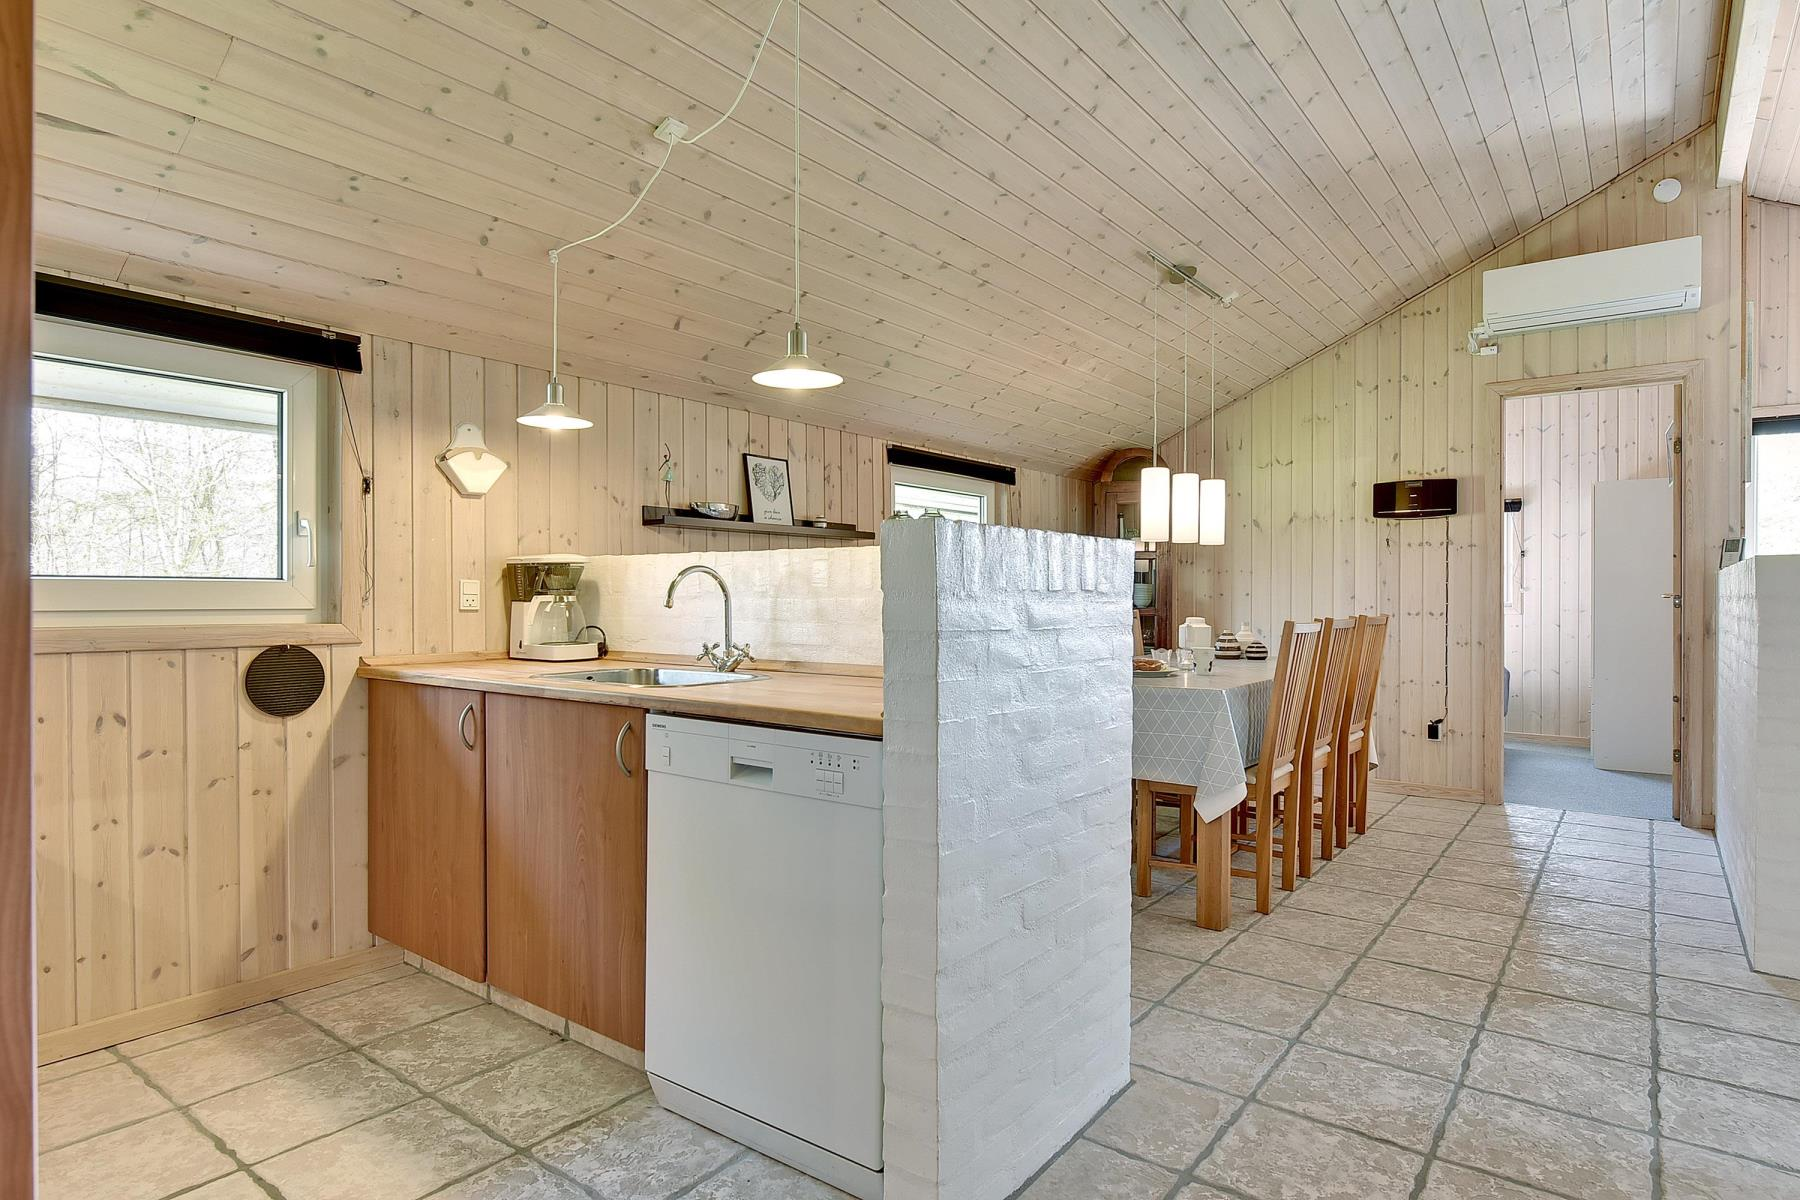 Ferienhaus 4144 - Fyrrelunden 62